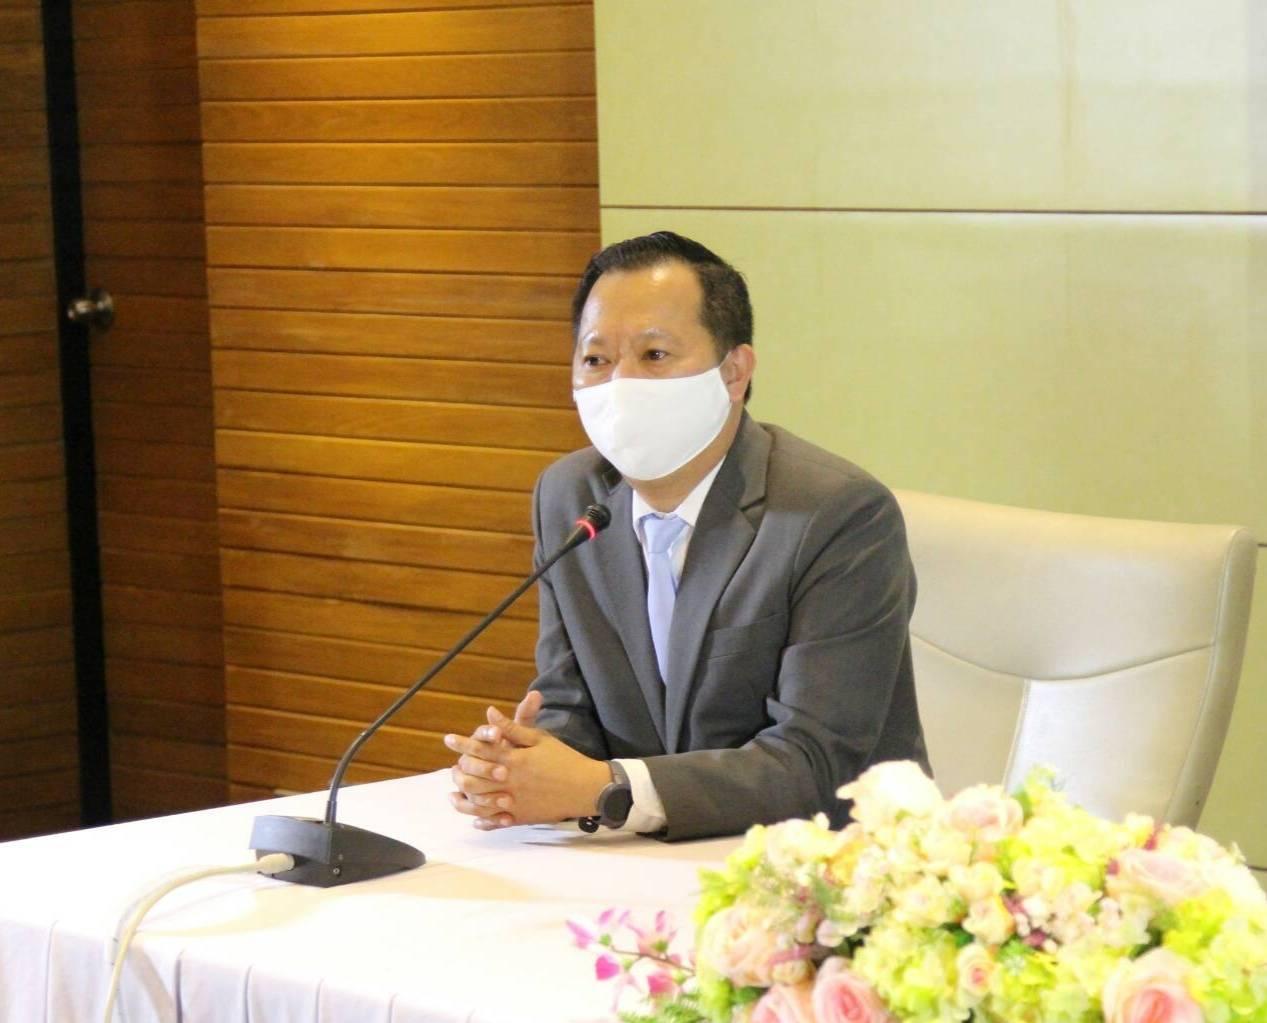 นายณกรณ์ ตรรกวิรพัท ผู้ว่าการการยางแห่งประเทศไทย